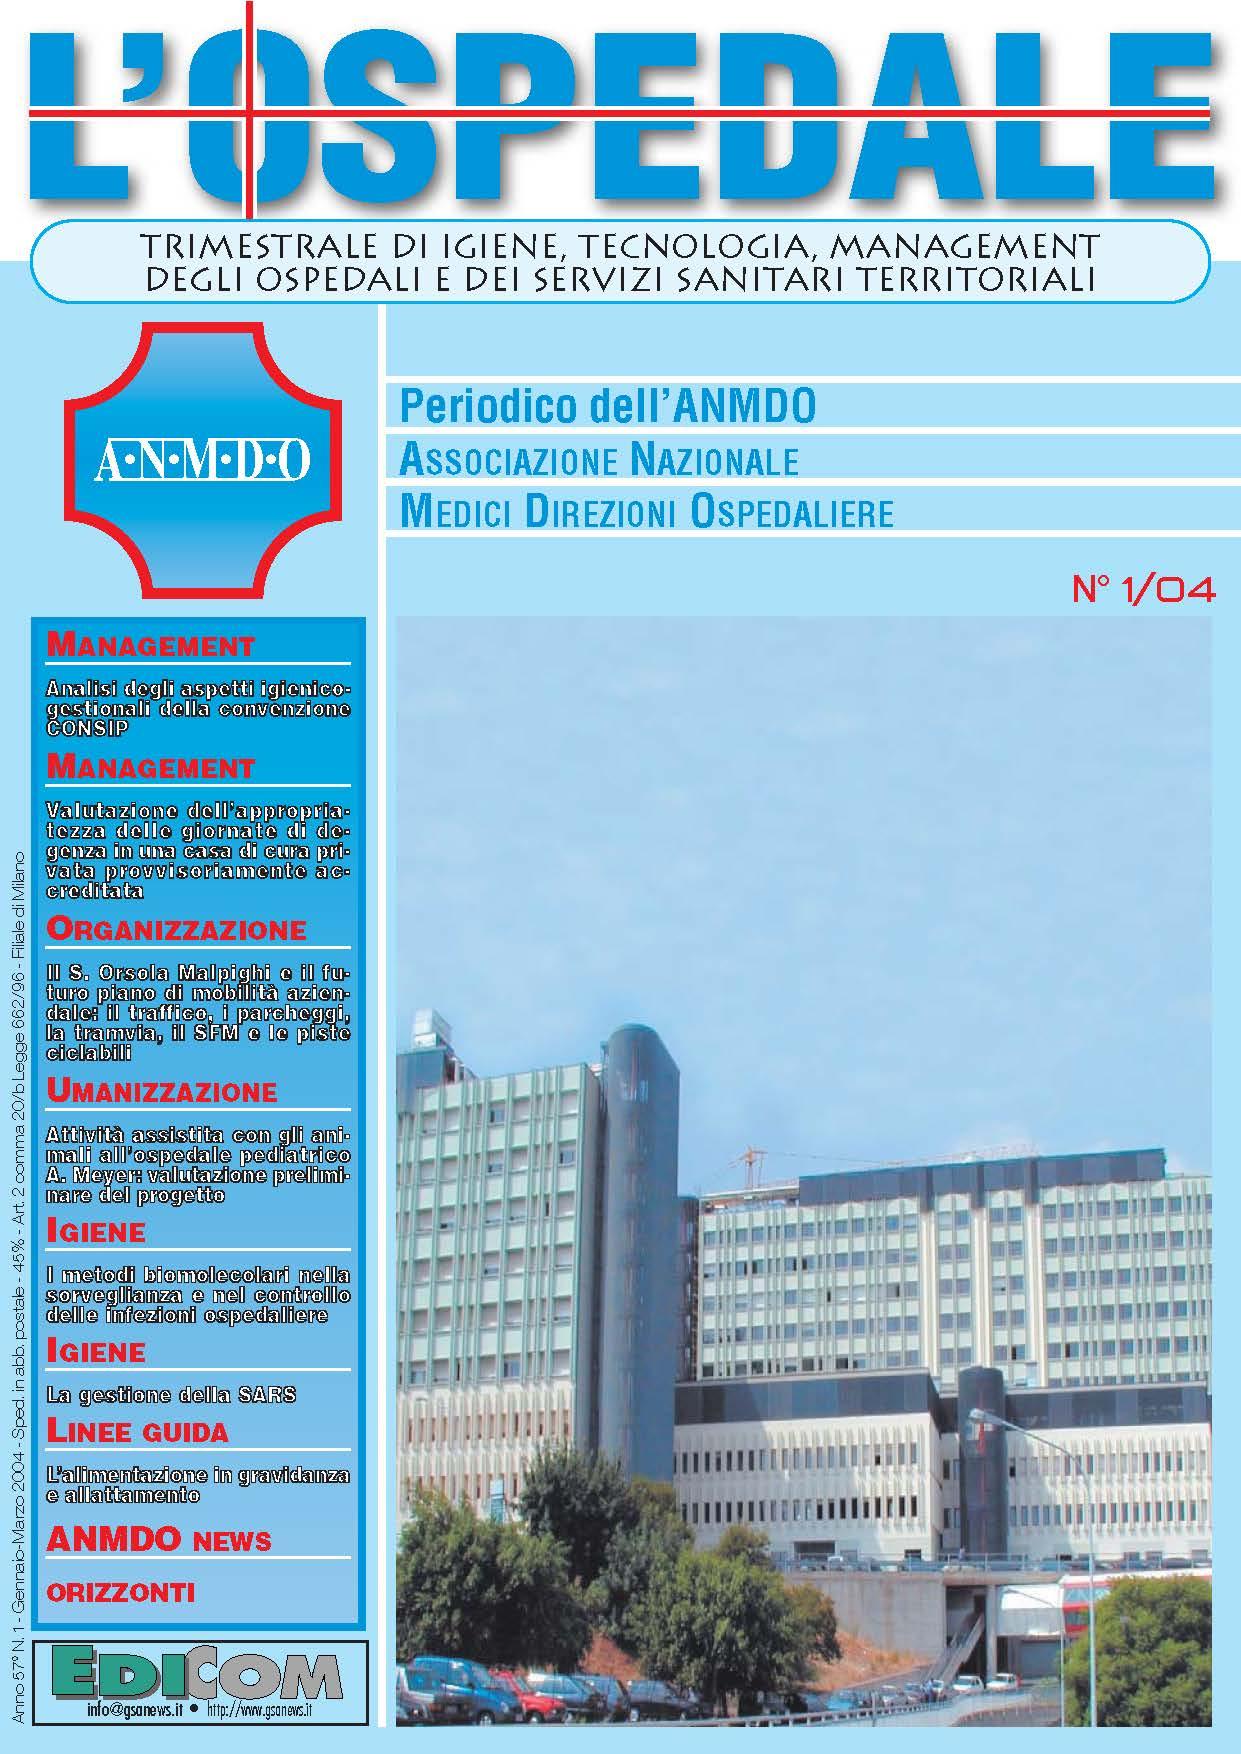 pagine-da-2004_01_osp